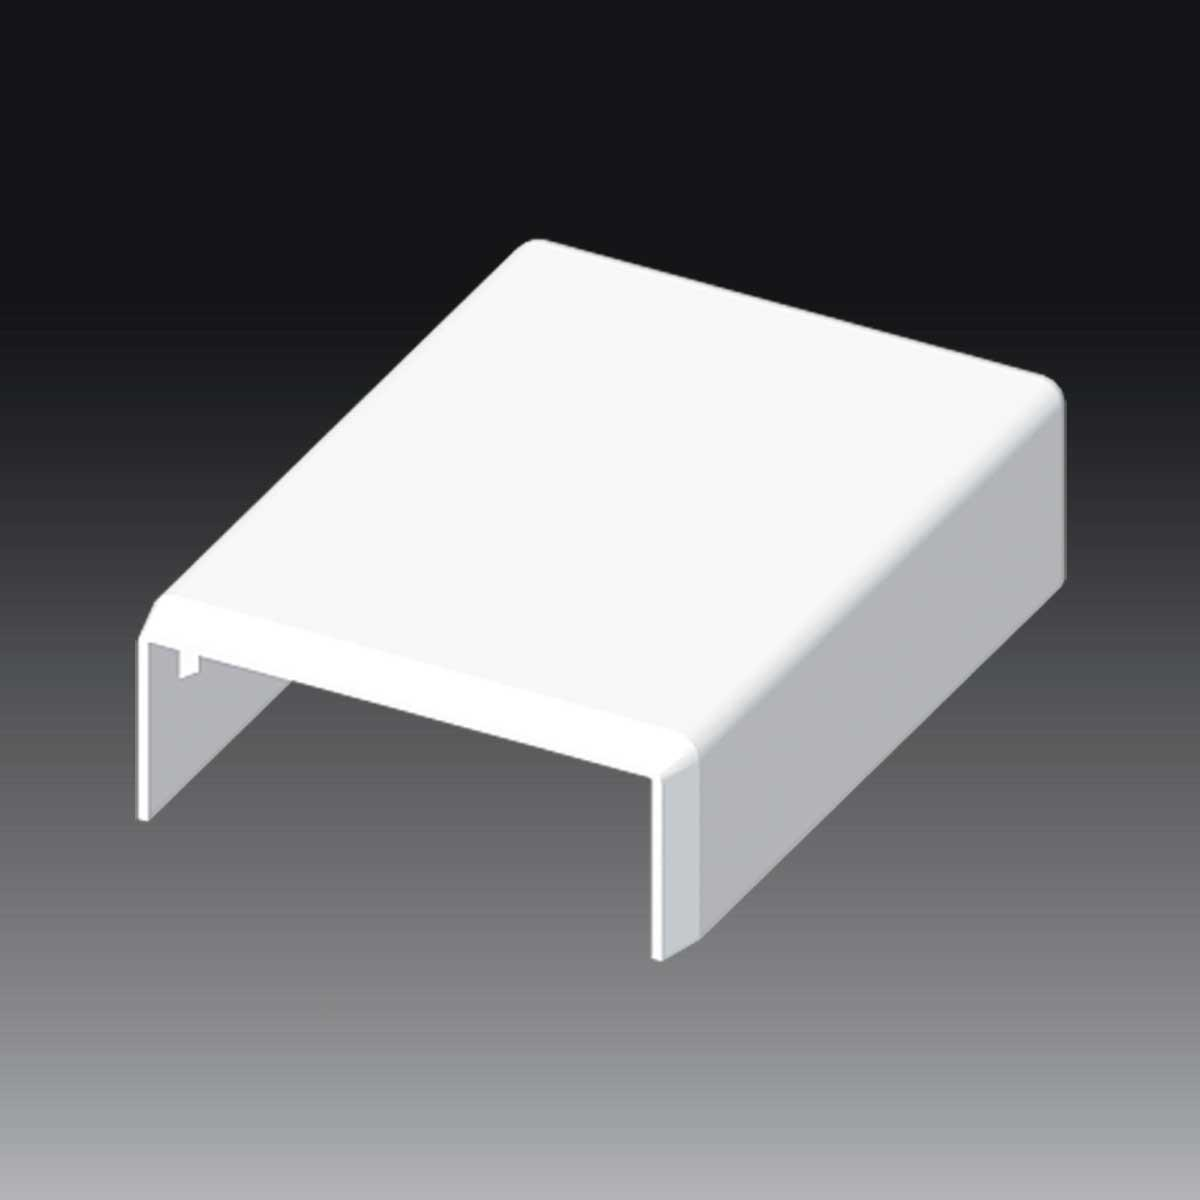 З'єднувач до LV 40х15 білого кольору; Серія LV; ПВХ